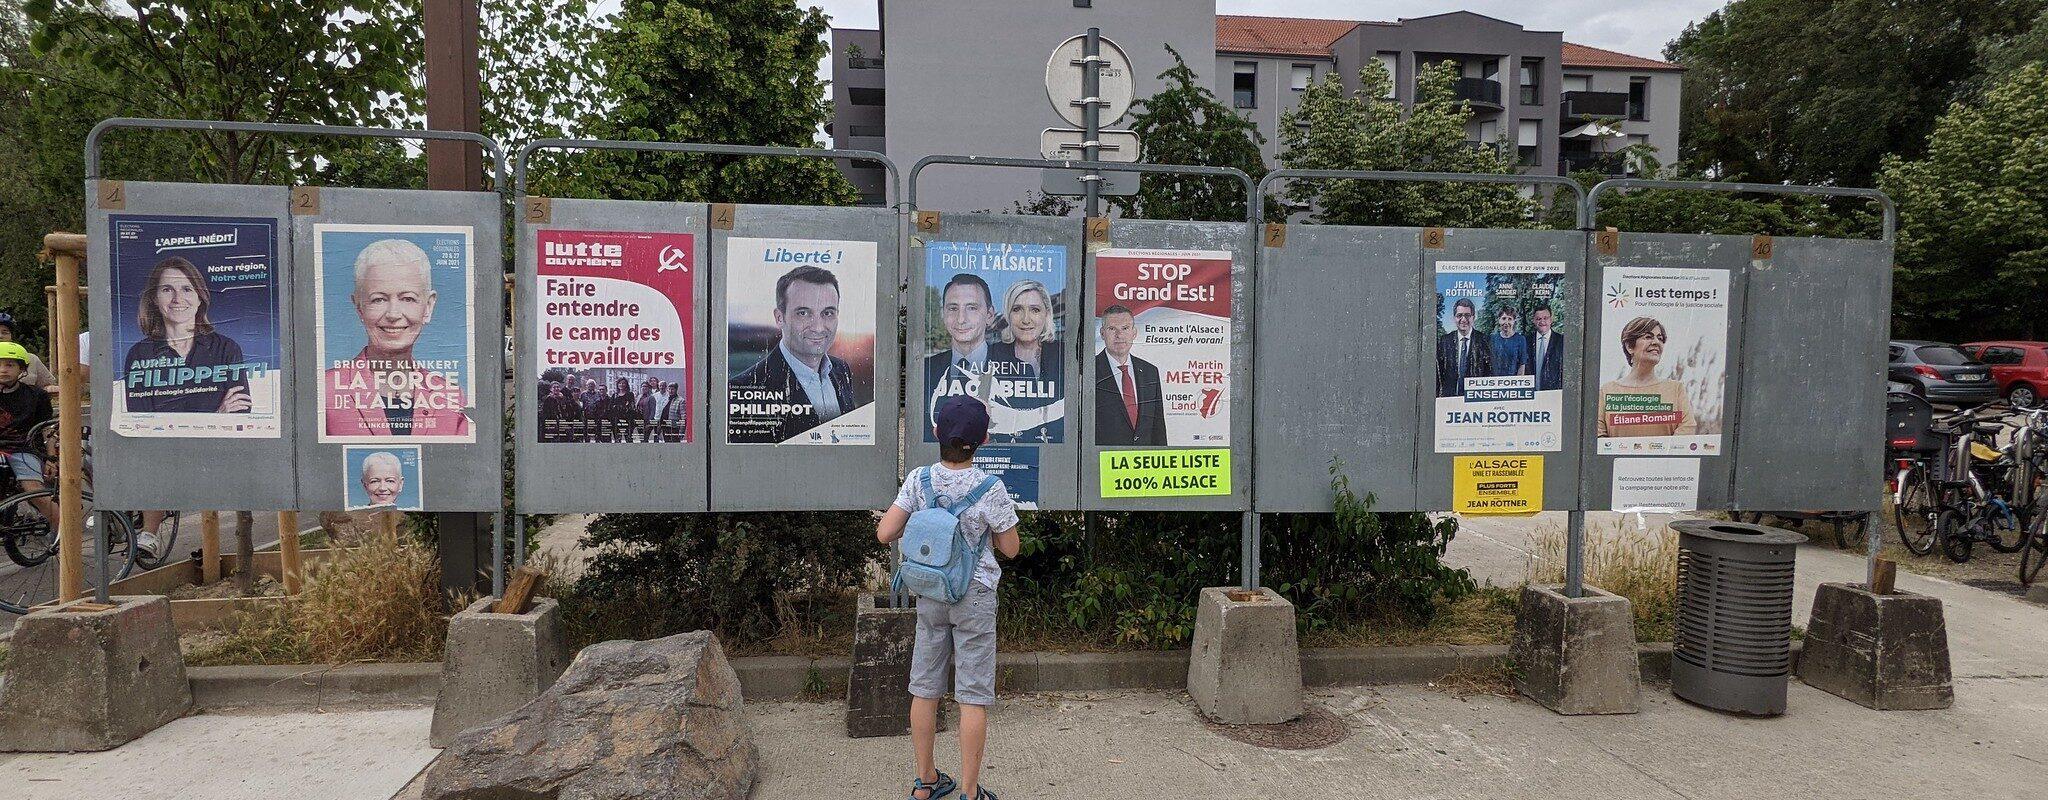 Régionales:Comment les quatre listes ont gagné des voix